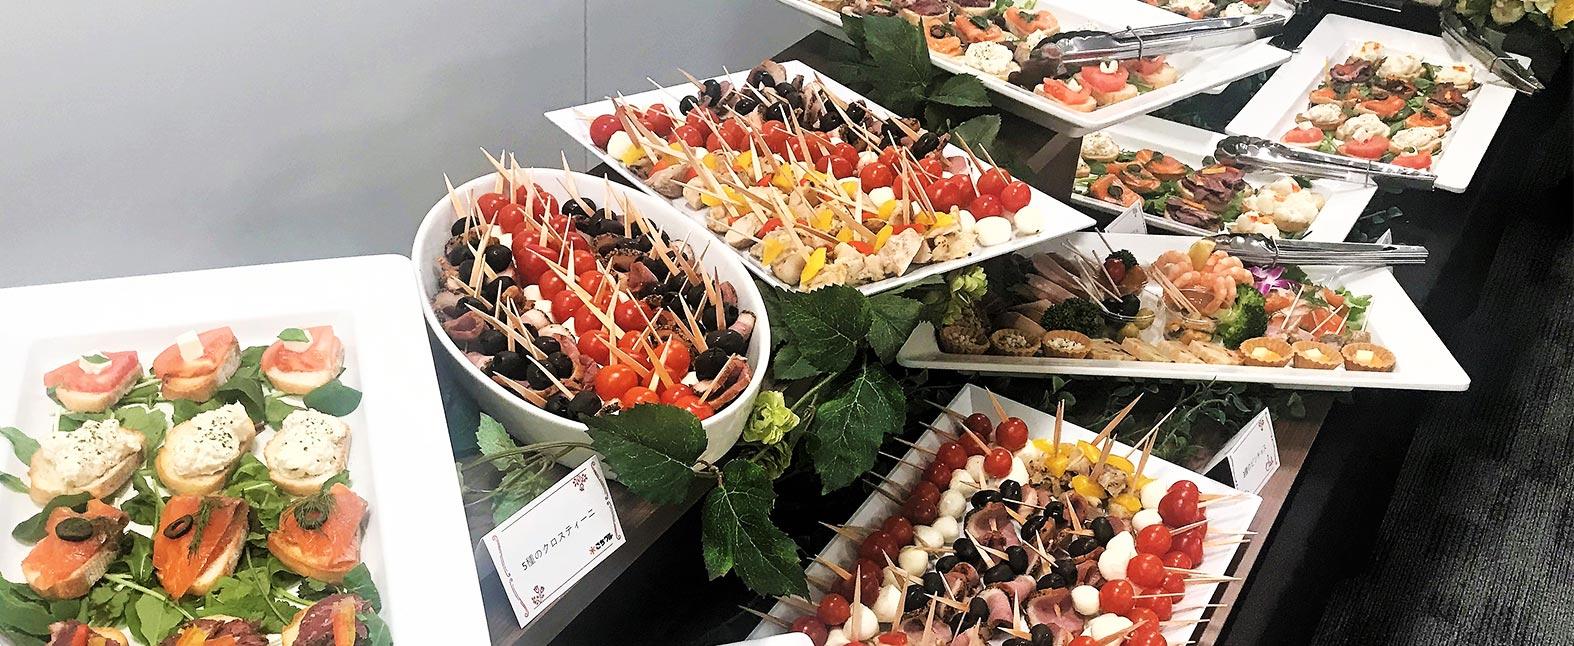 社内イベント後の懇親会! 美味しいお料理とお酒で親睦を深めよう!